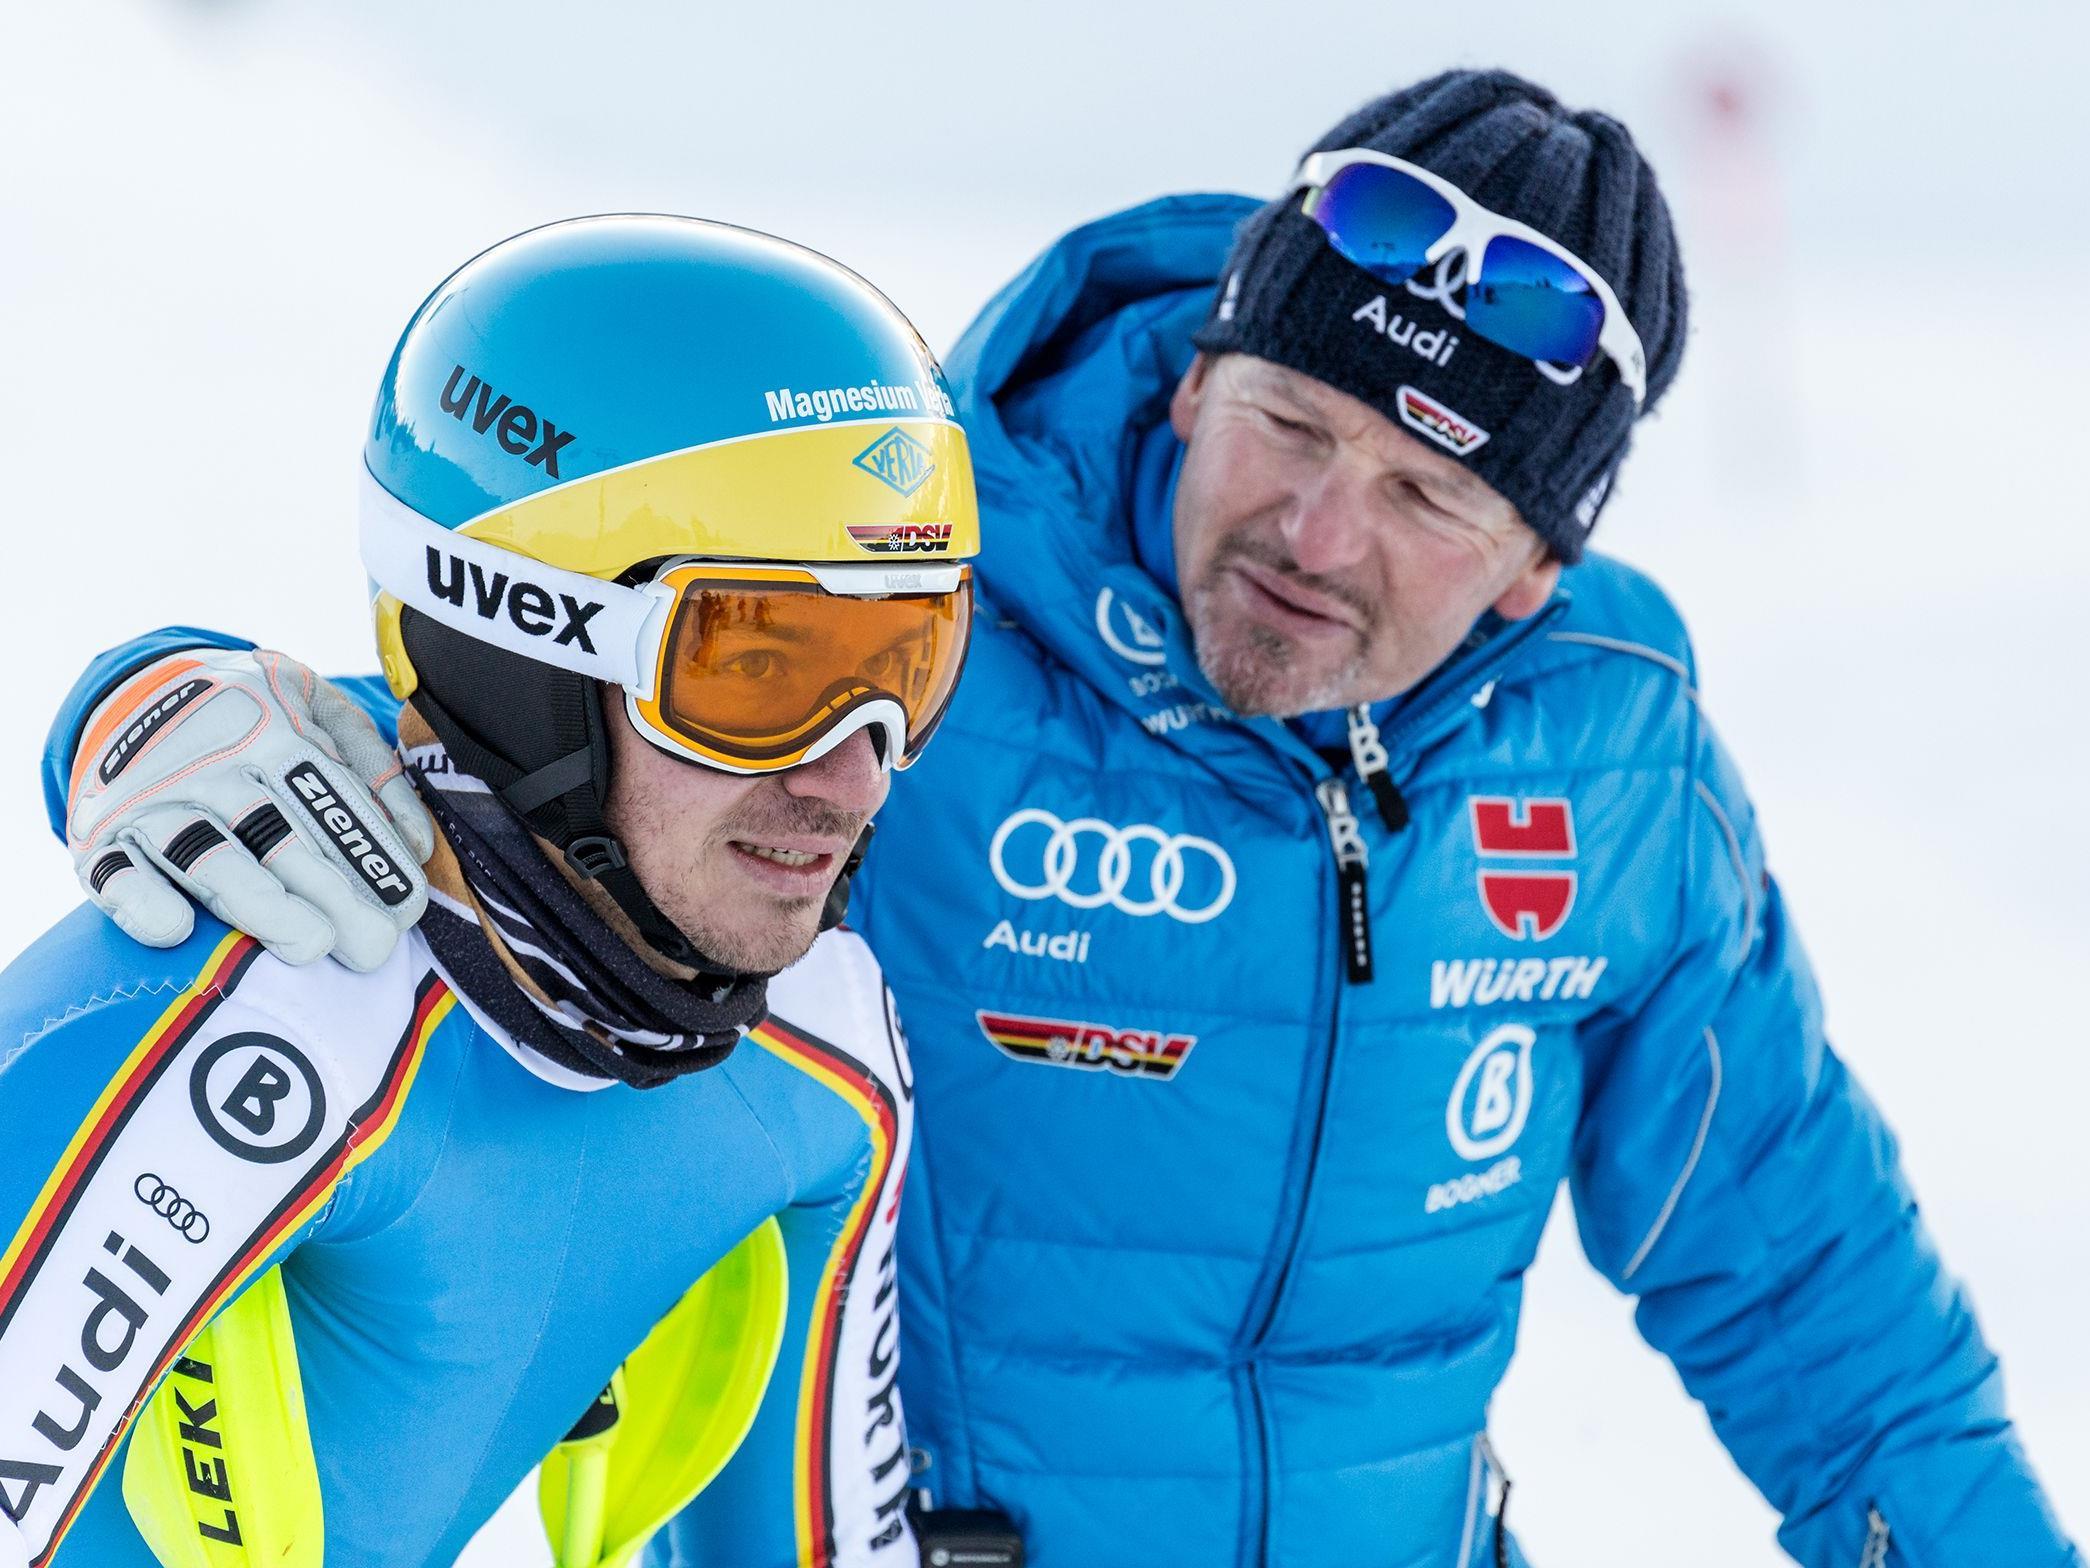 Felix Neureuther und das deutsche Technikteam absolvierten vor der WM in St. Moritz ihre letzten Trainingsläufe in der Silvretta Montafon.